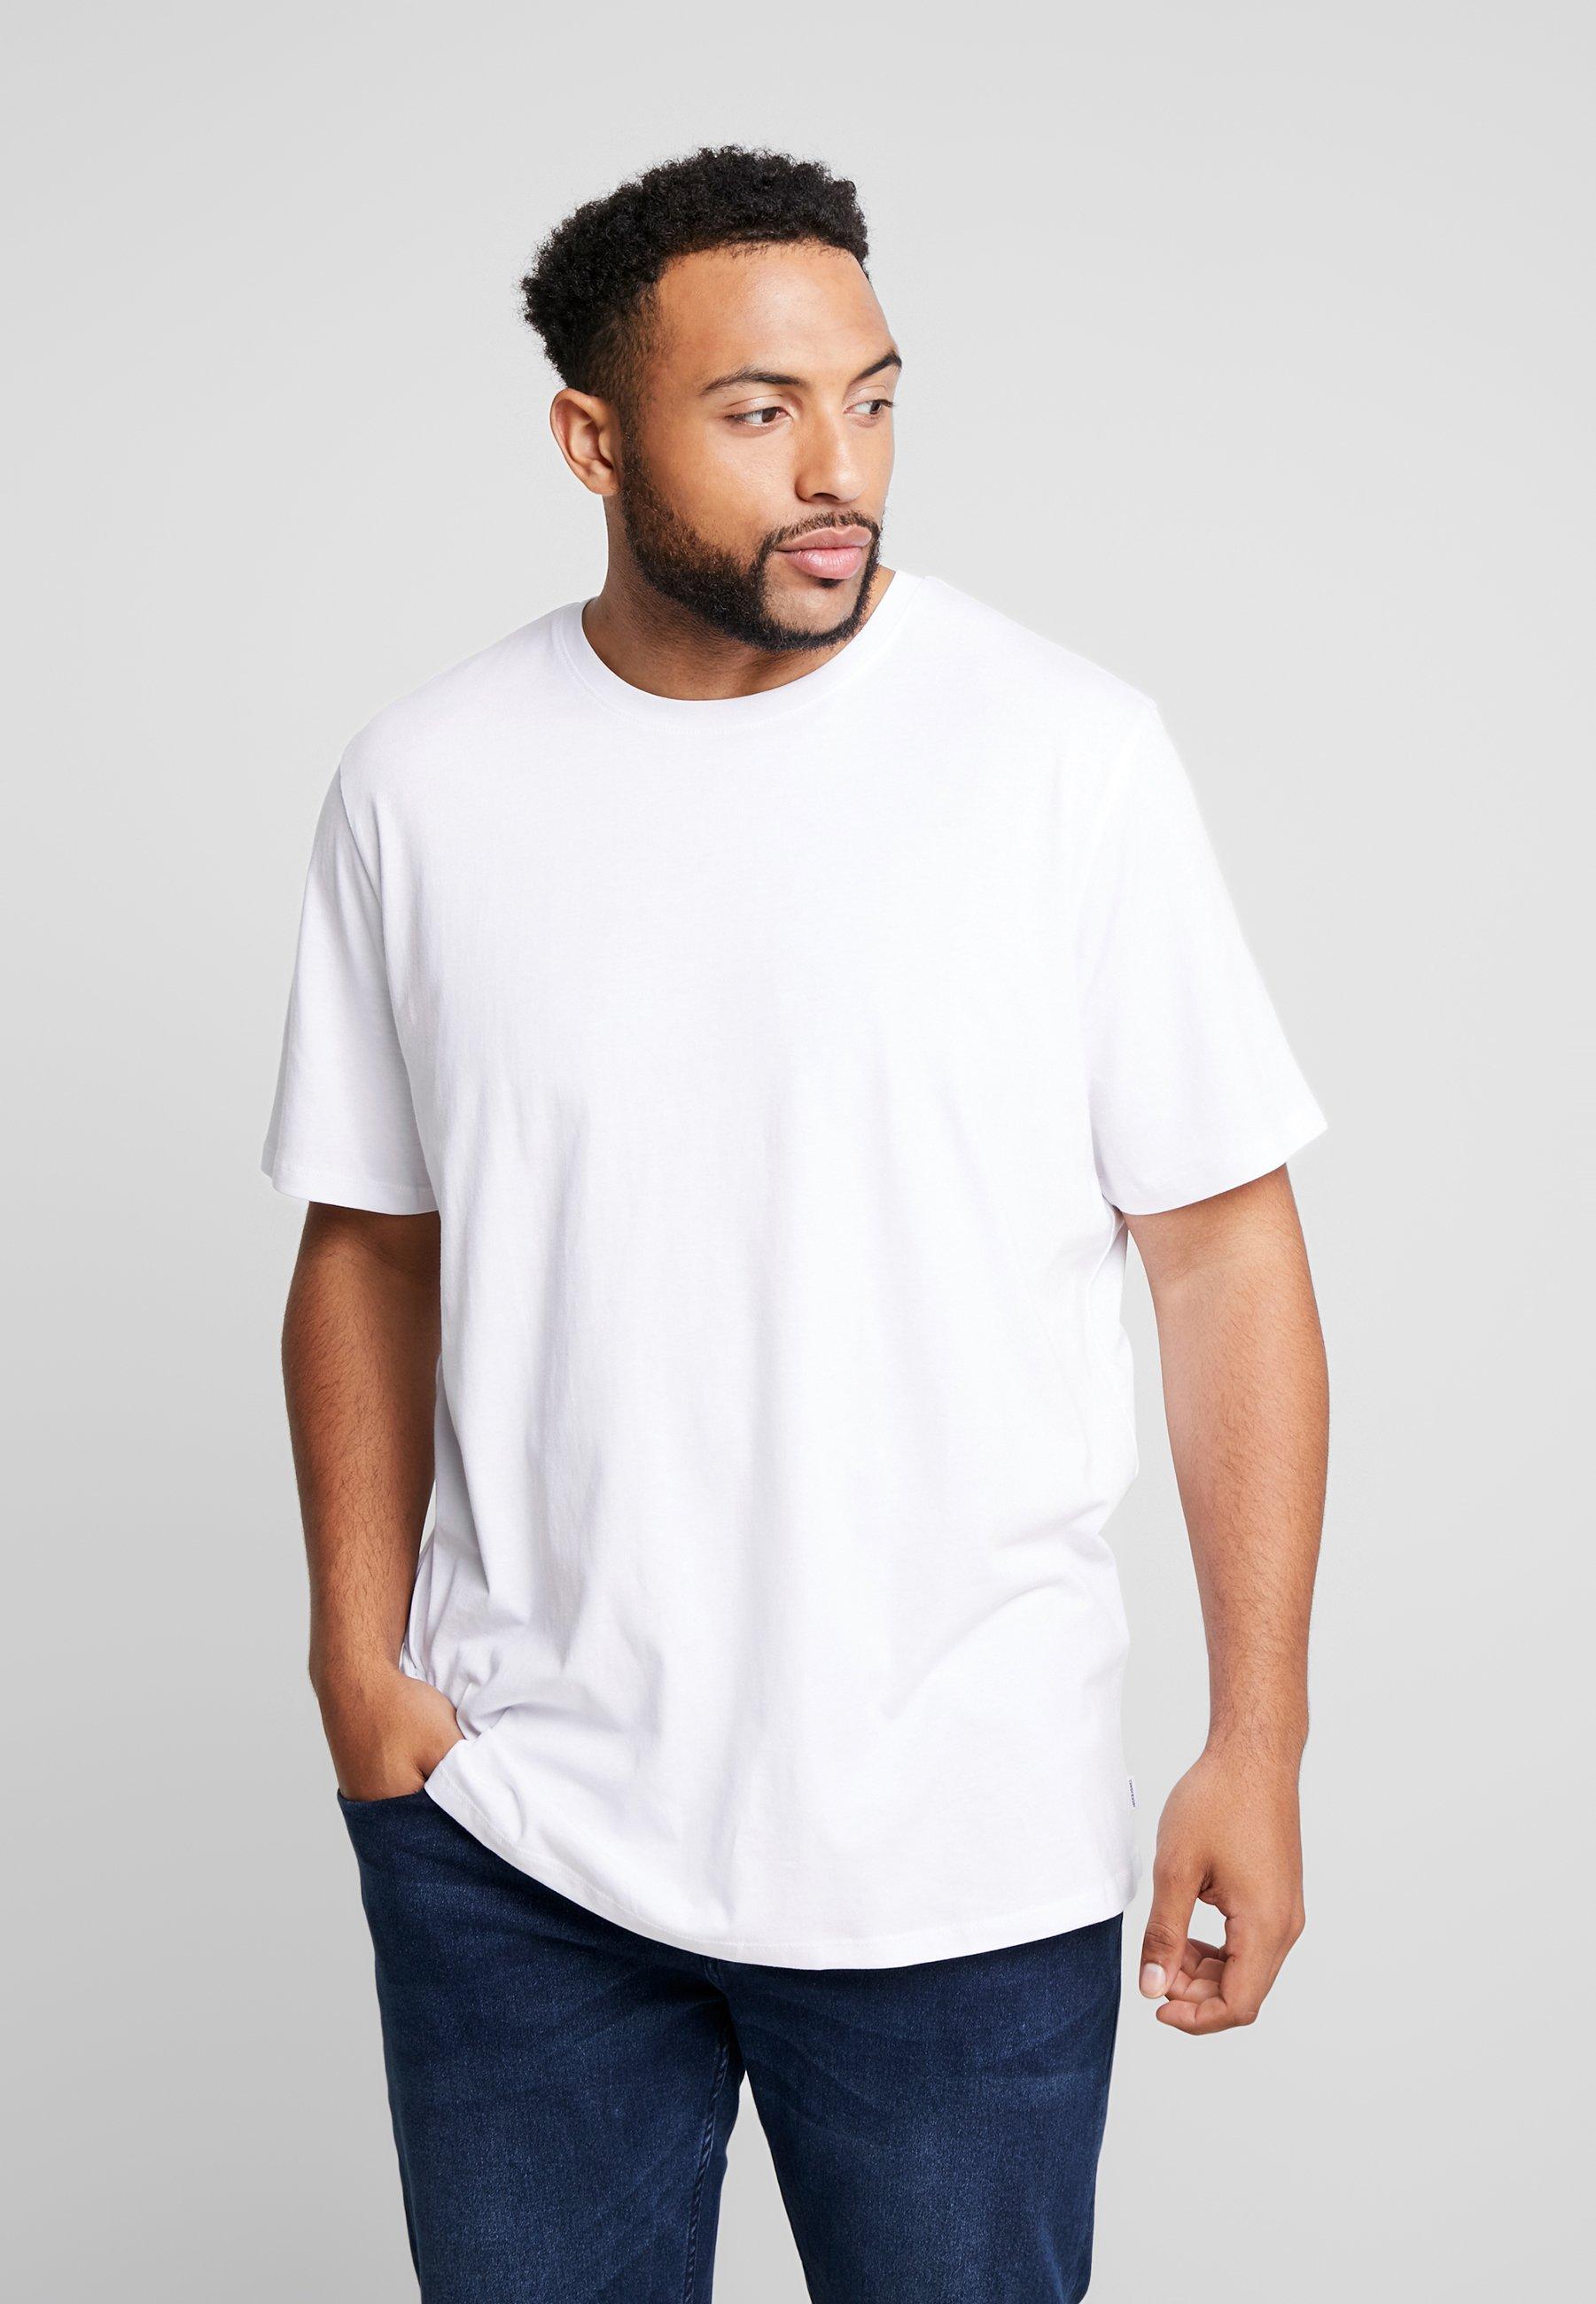 T Jackamp; Jones BasiqueWhite Jackamp; Jones shirt 8OwPkn0